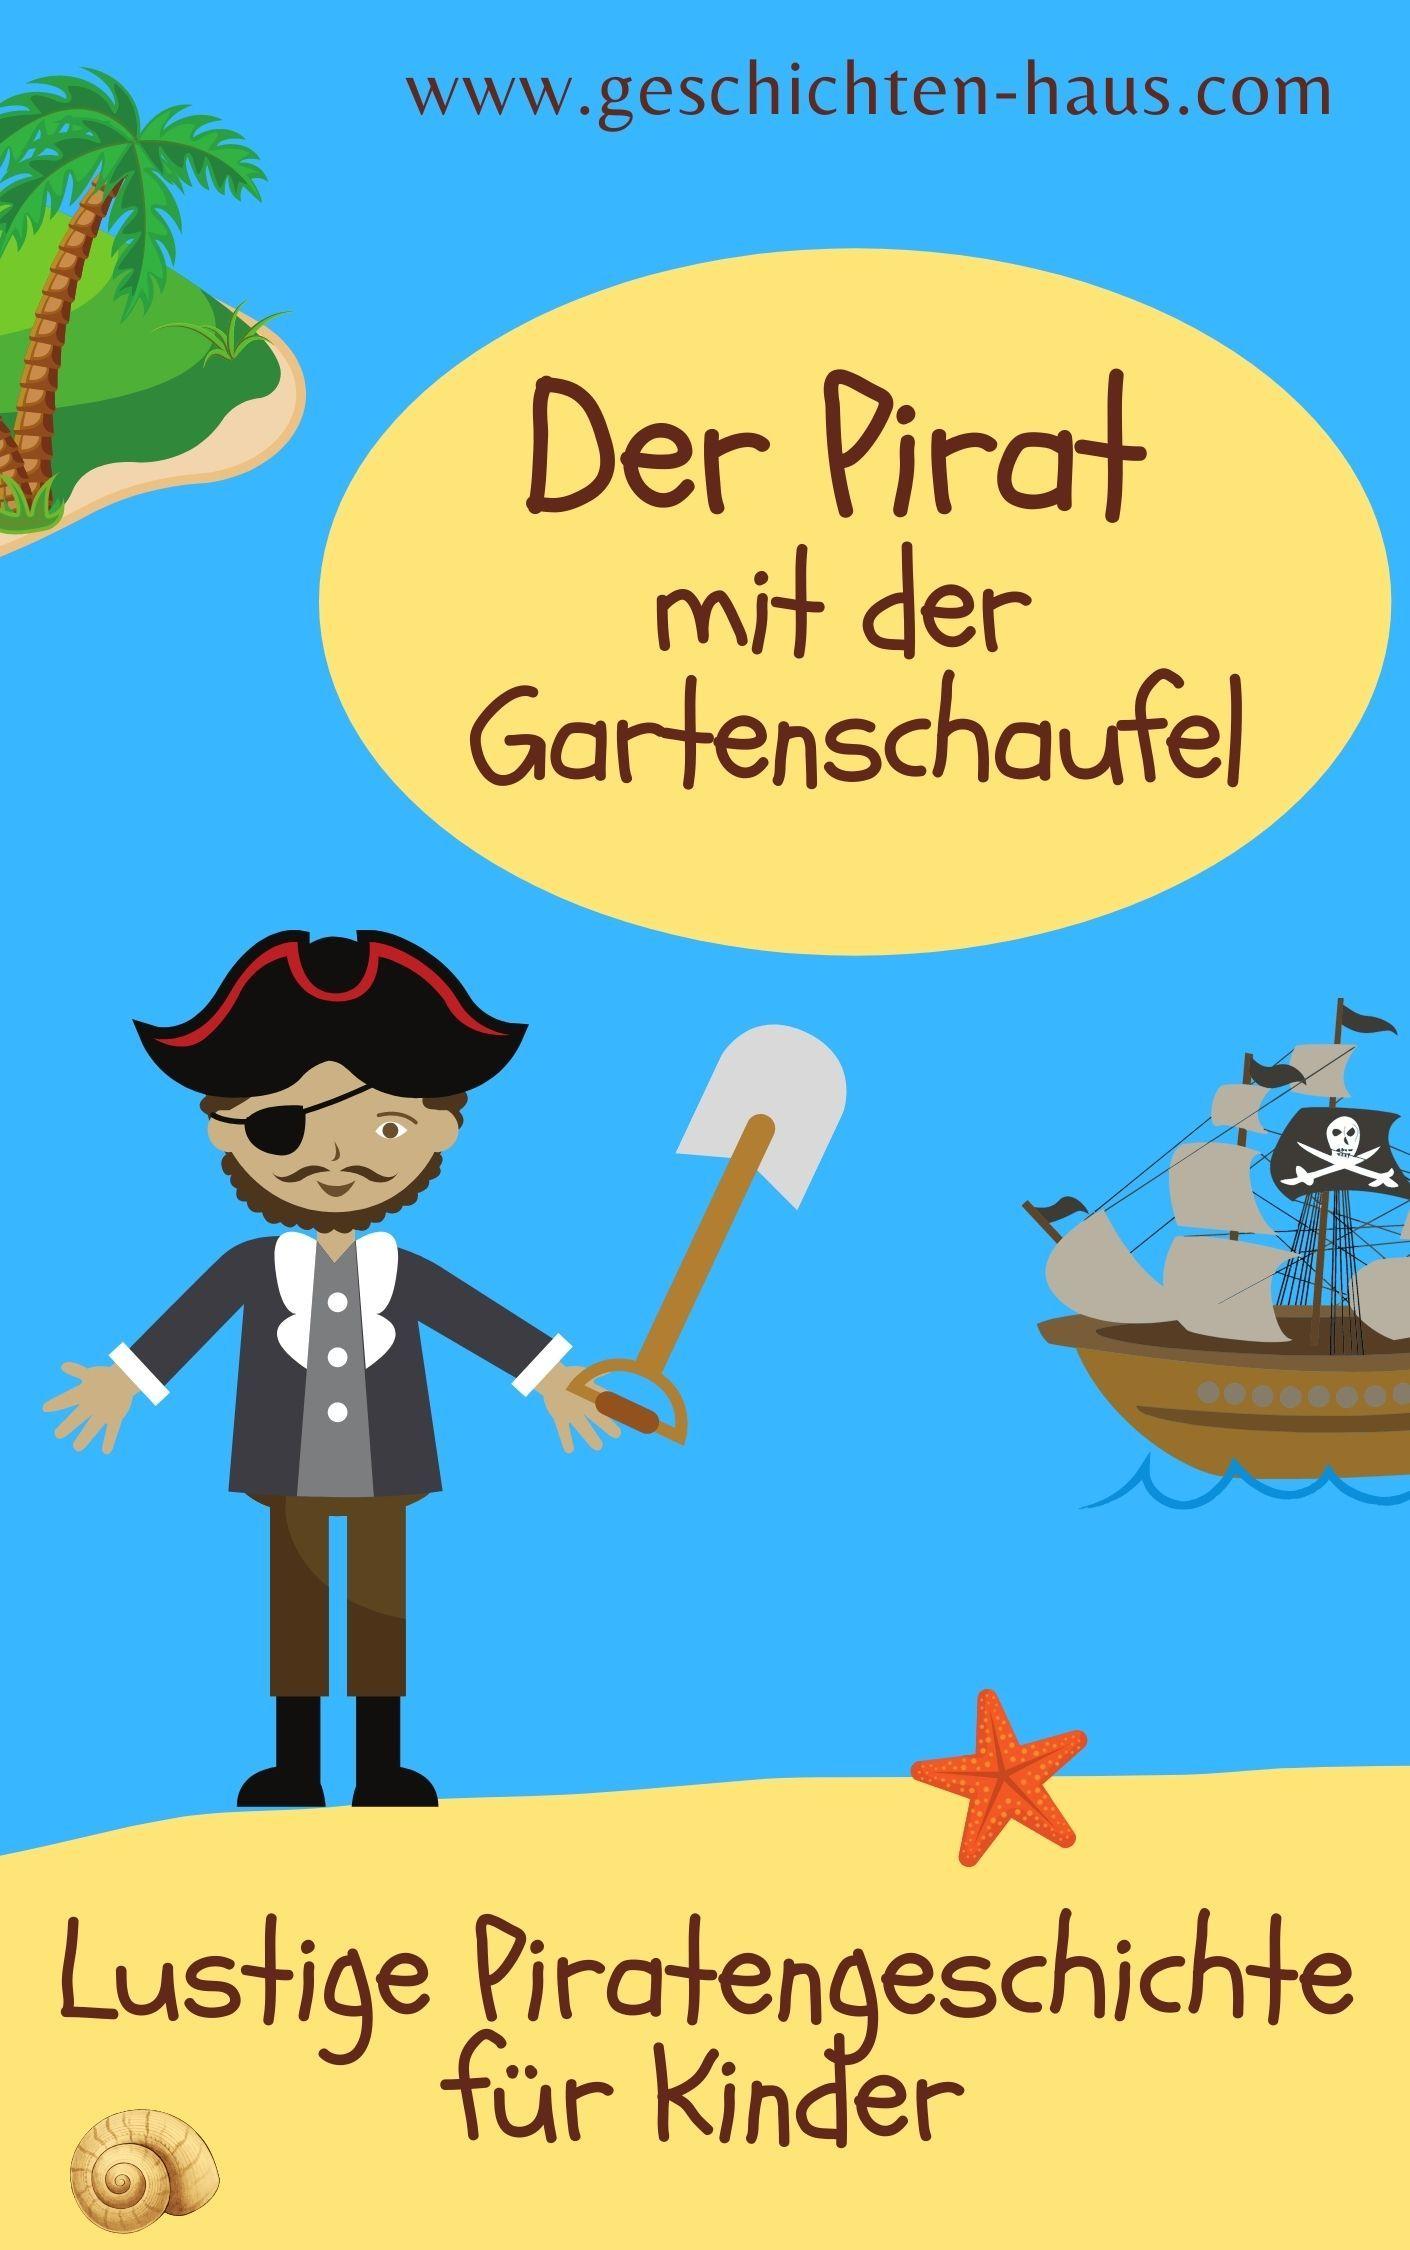 Kurze piratengeschichte zum ausdrucken